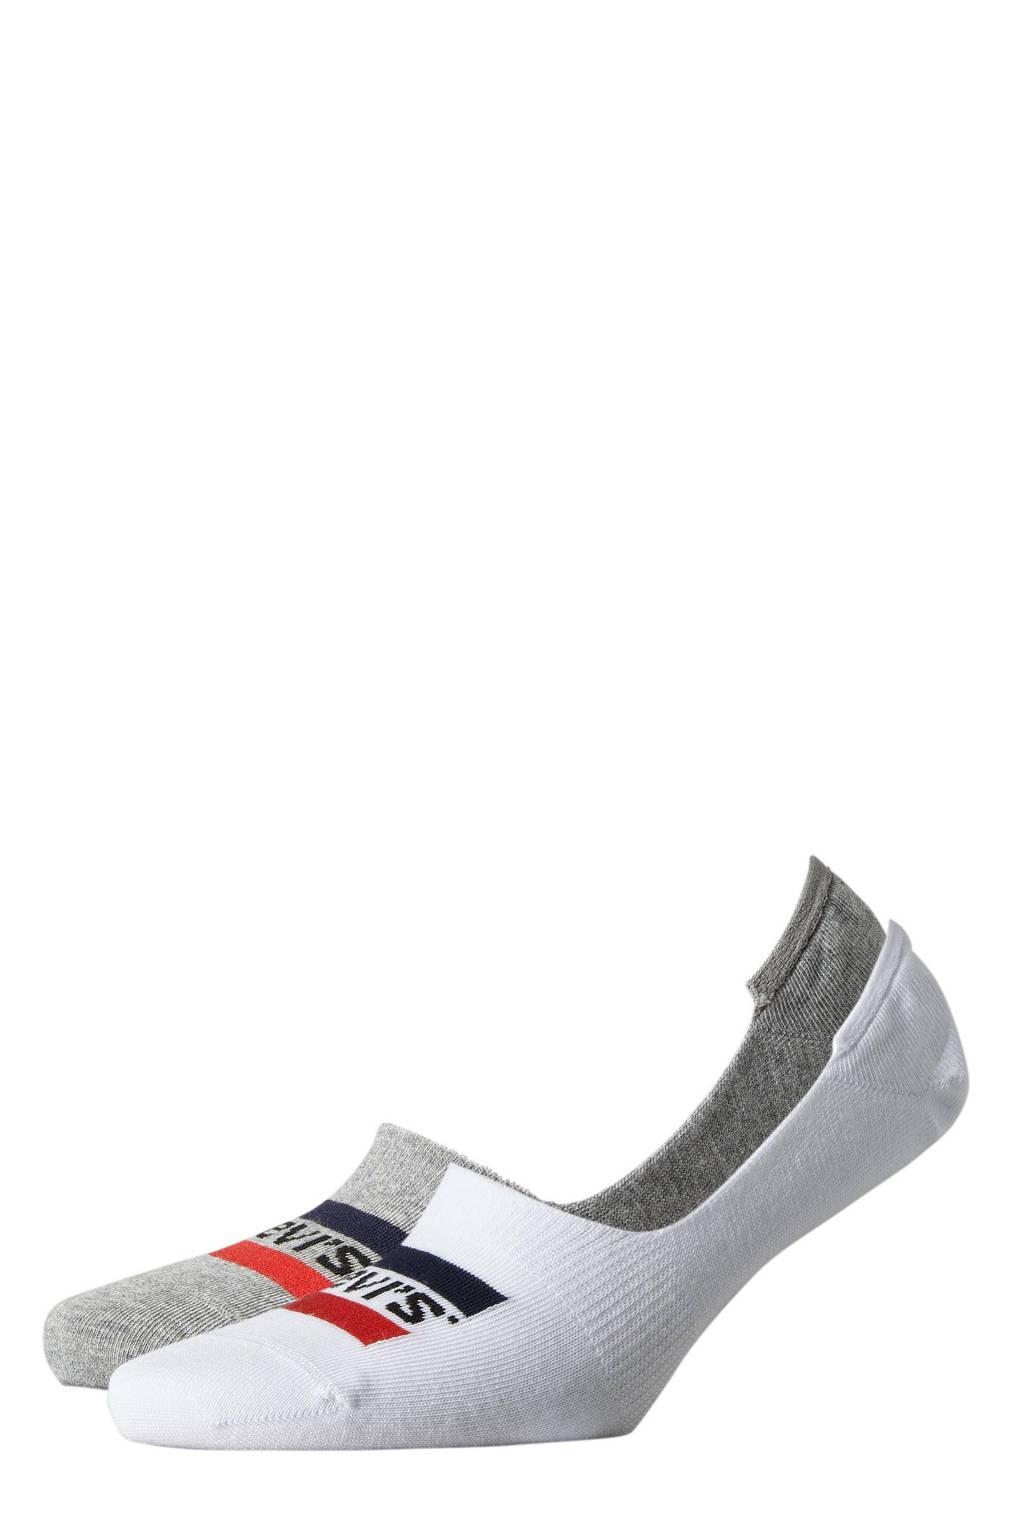 Levi's sneakersokken (2 paar) wit, Wit/grijs